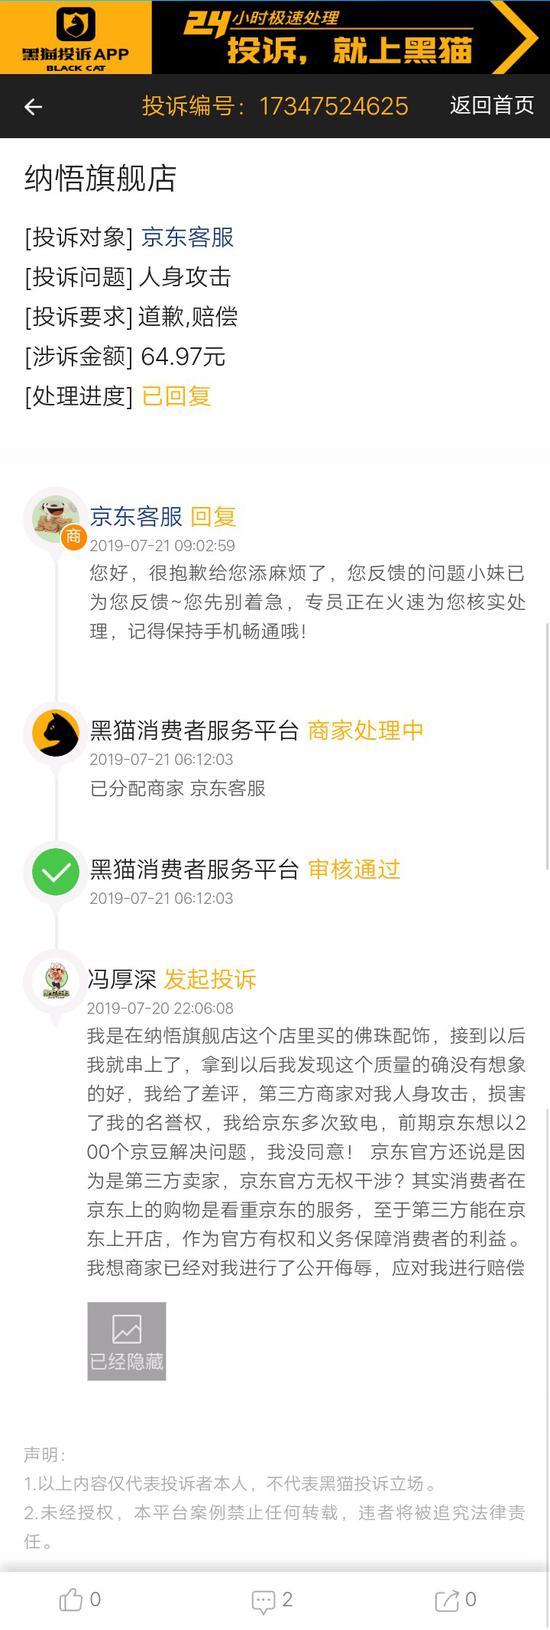 http://www.xqweigou.com/zhengceguanzhu/39831.html